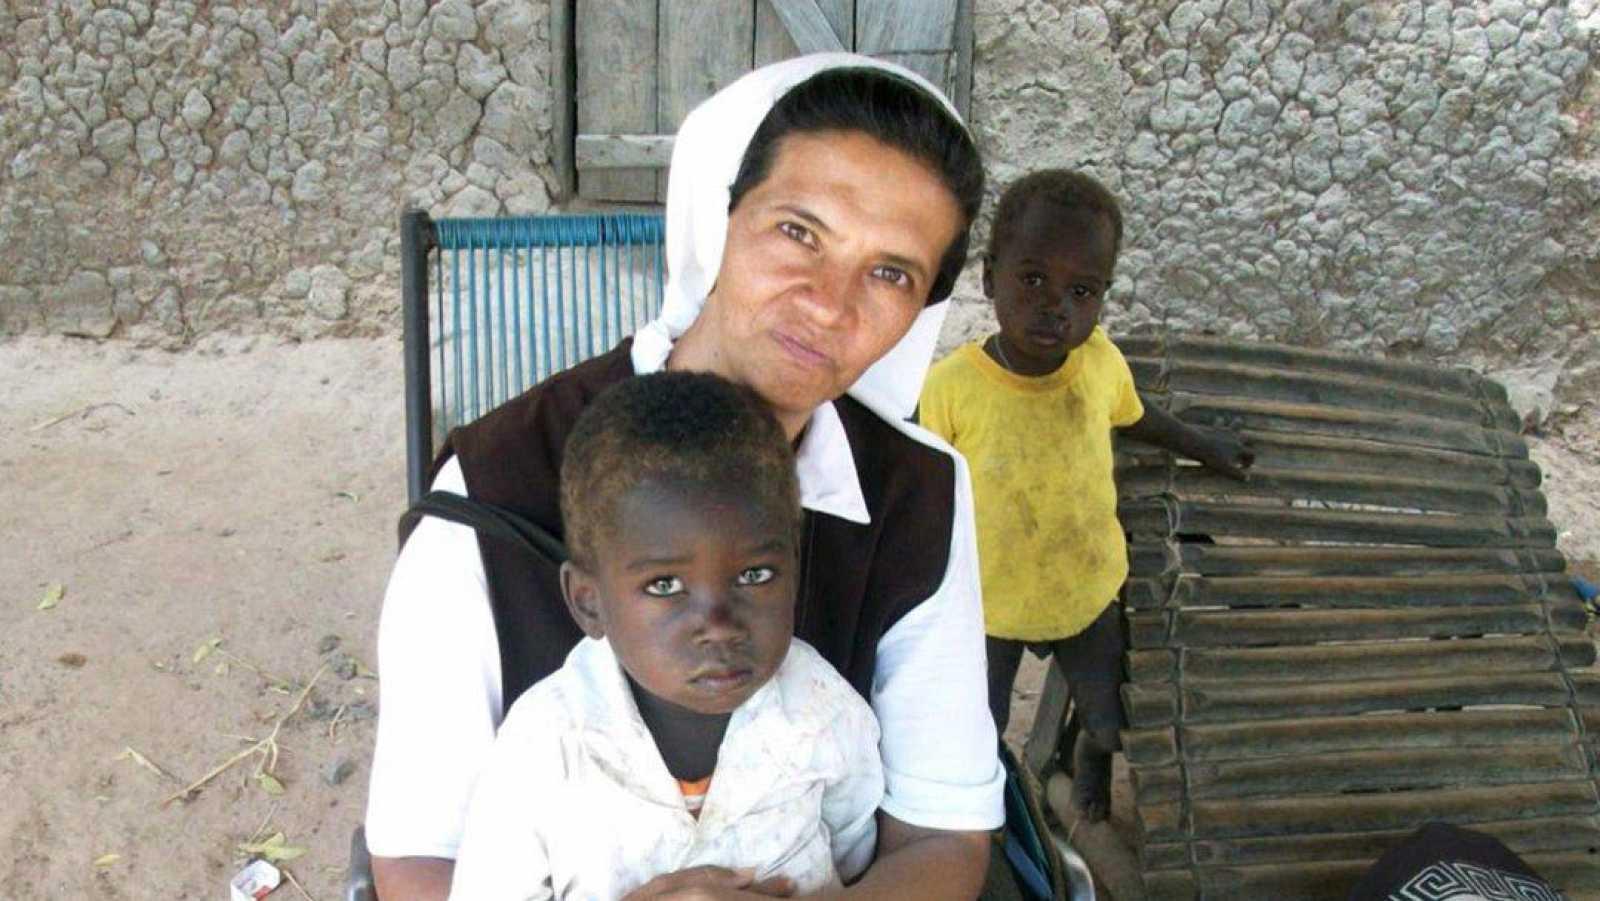 Punto de enlace - Firmes en la fe y en la ayuda a los pobres - 09/10/20 - escuchar ahora